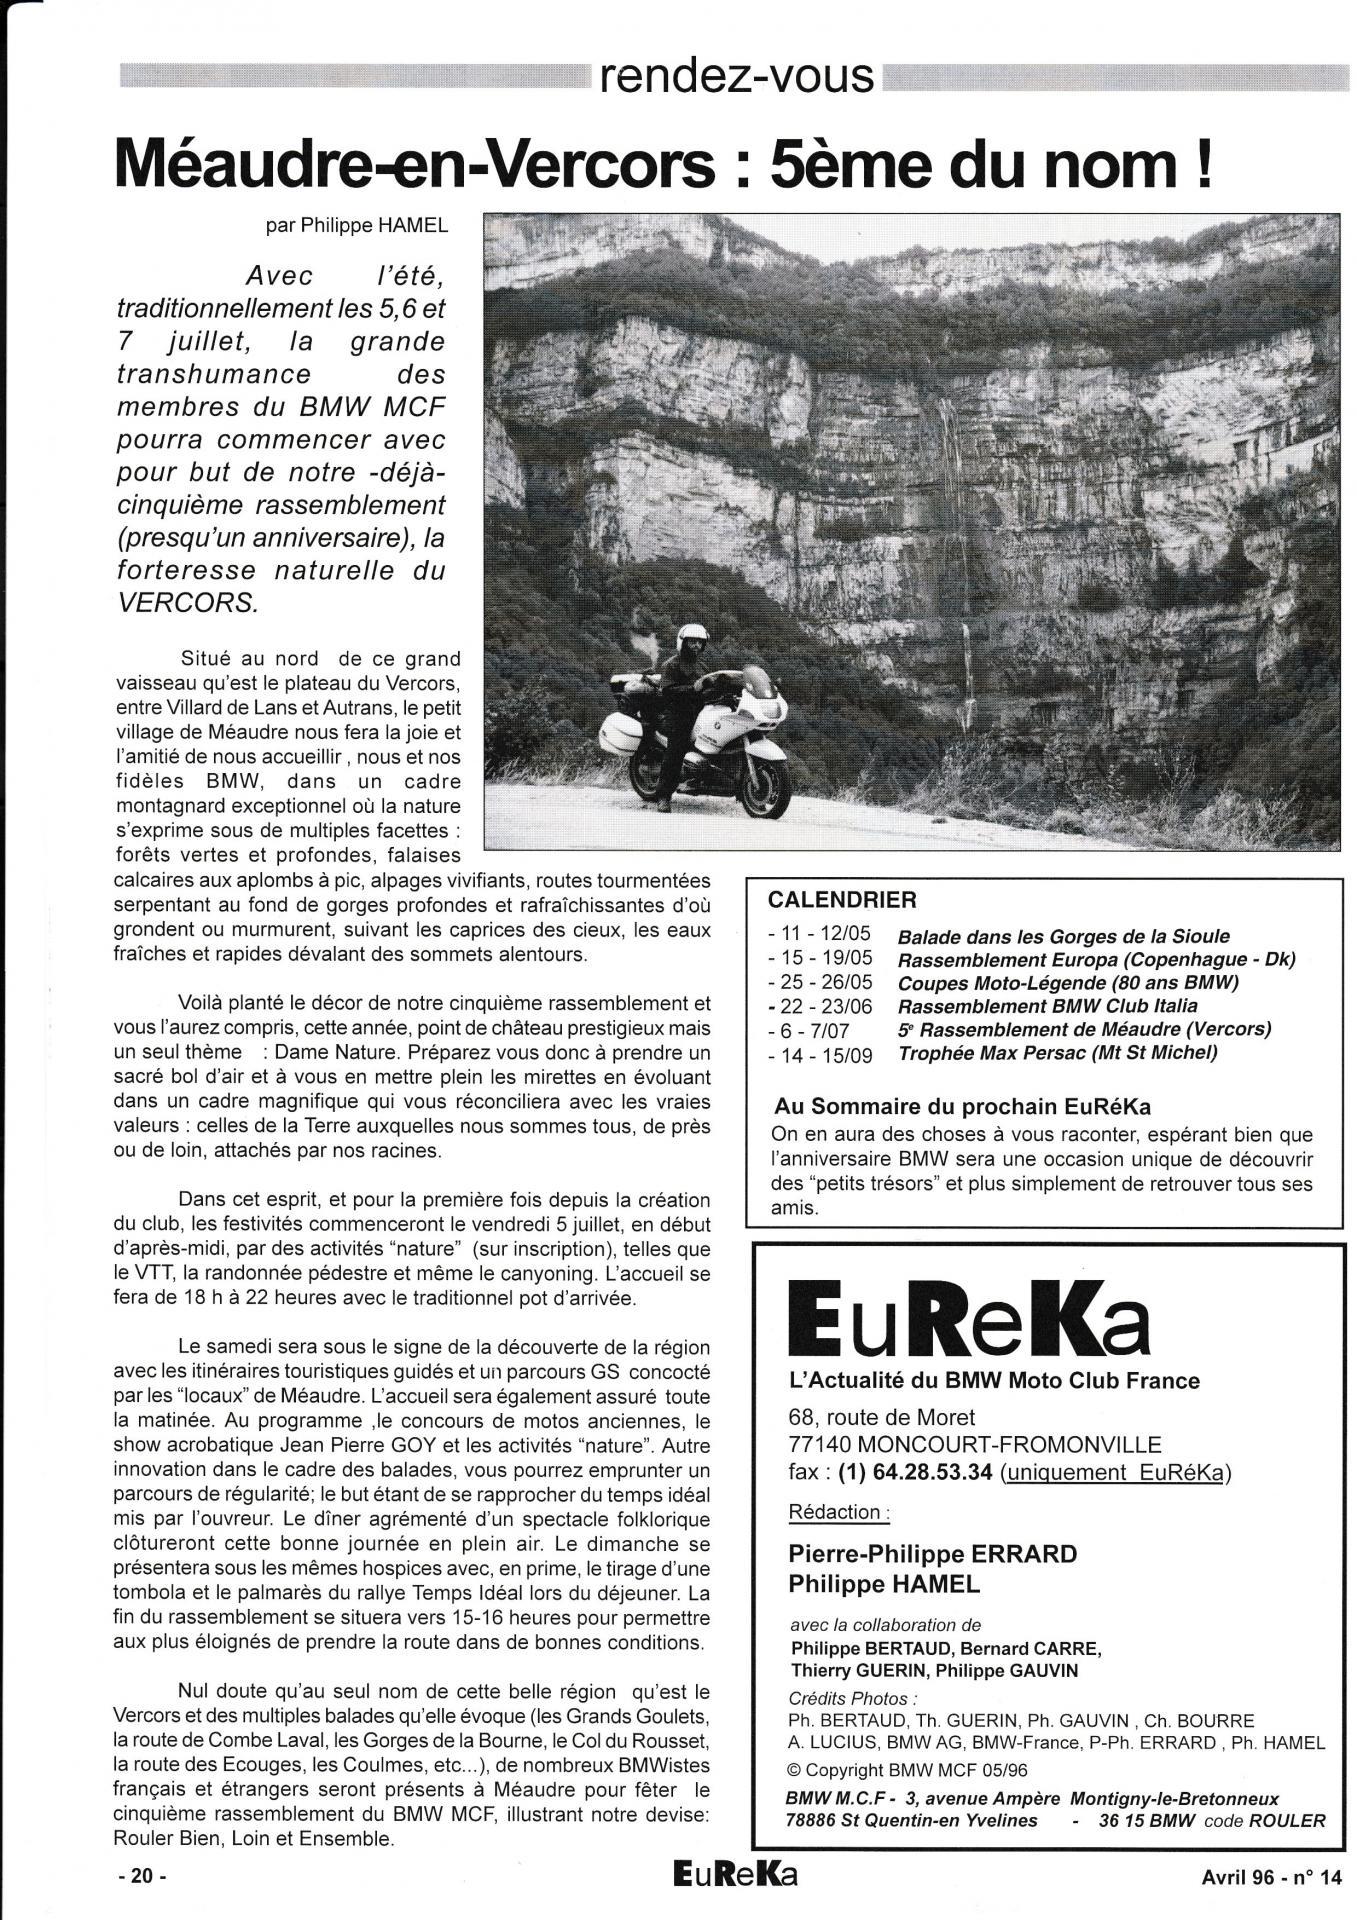 Eureka n 14 20